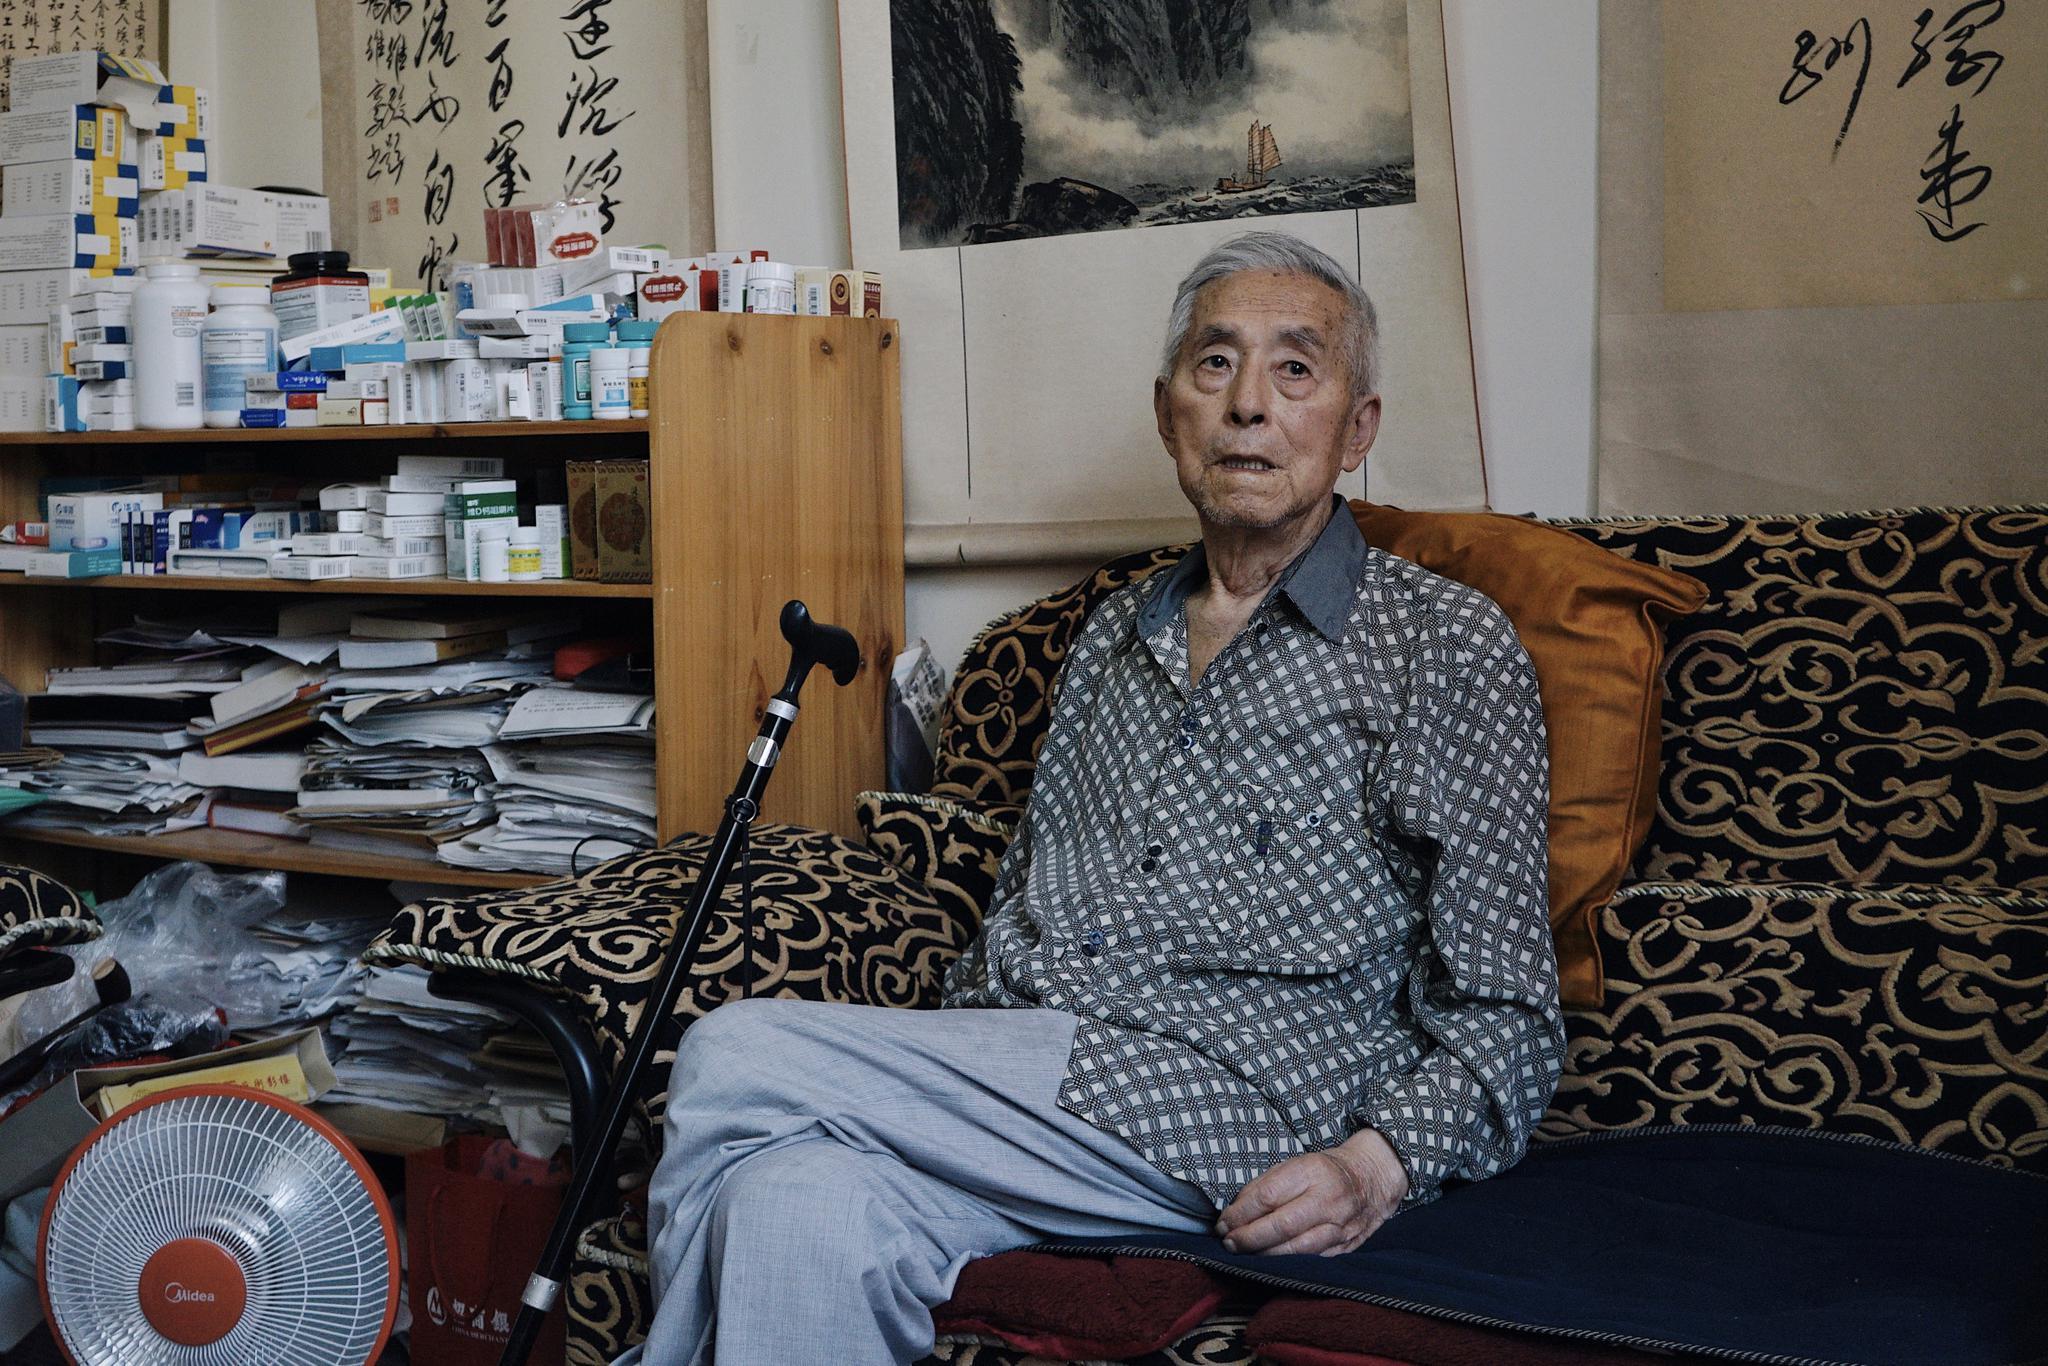 [摩天开户]杨维骏因着凉引发肺炎去摩天开户世享年图片